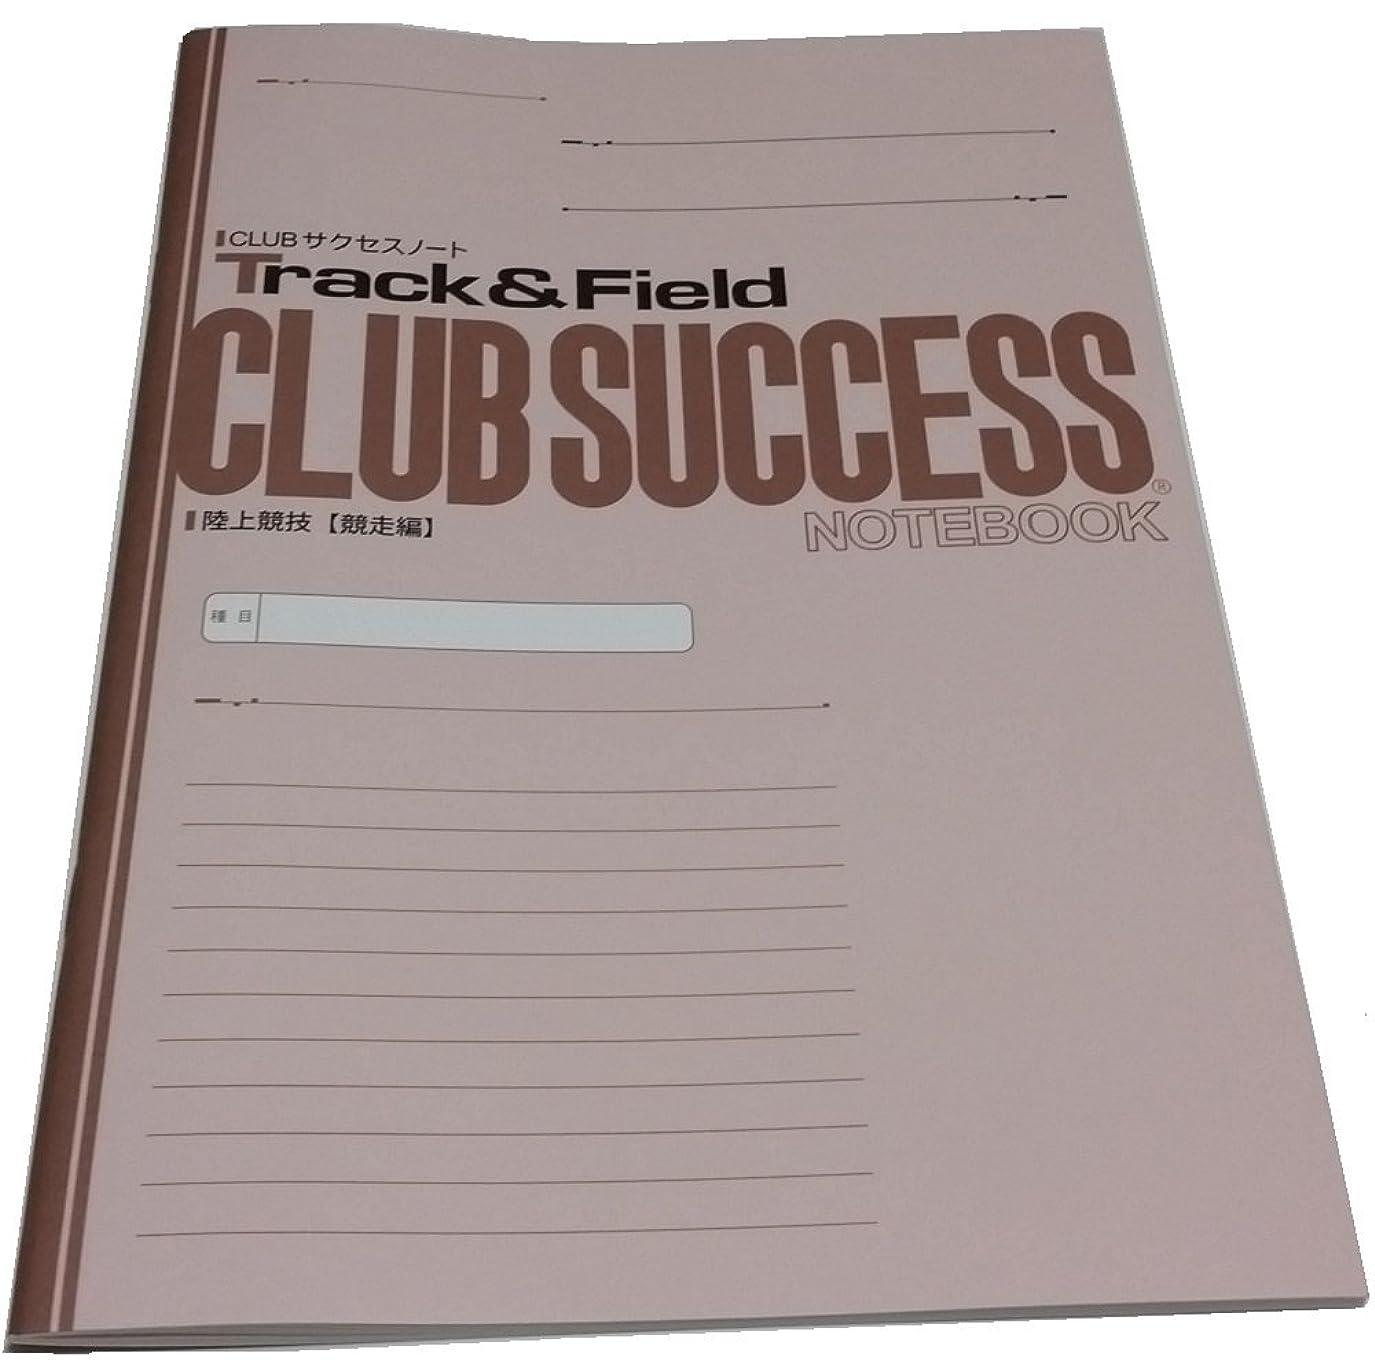 誓うどこにもベストCLUBサクセスノート 陸上競技  競走編 B5サイズ 3冊セット